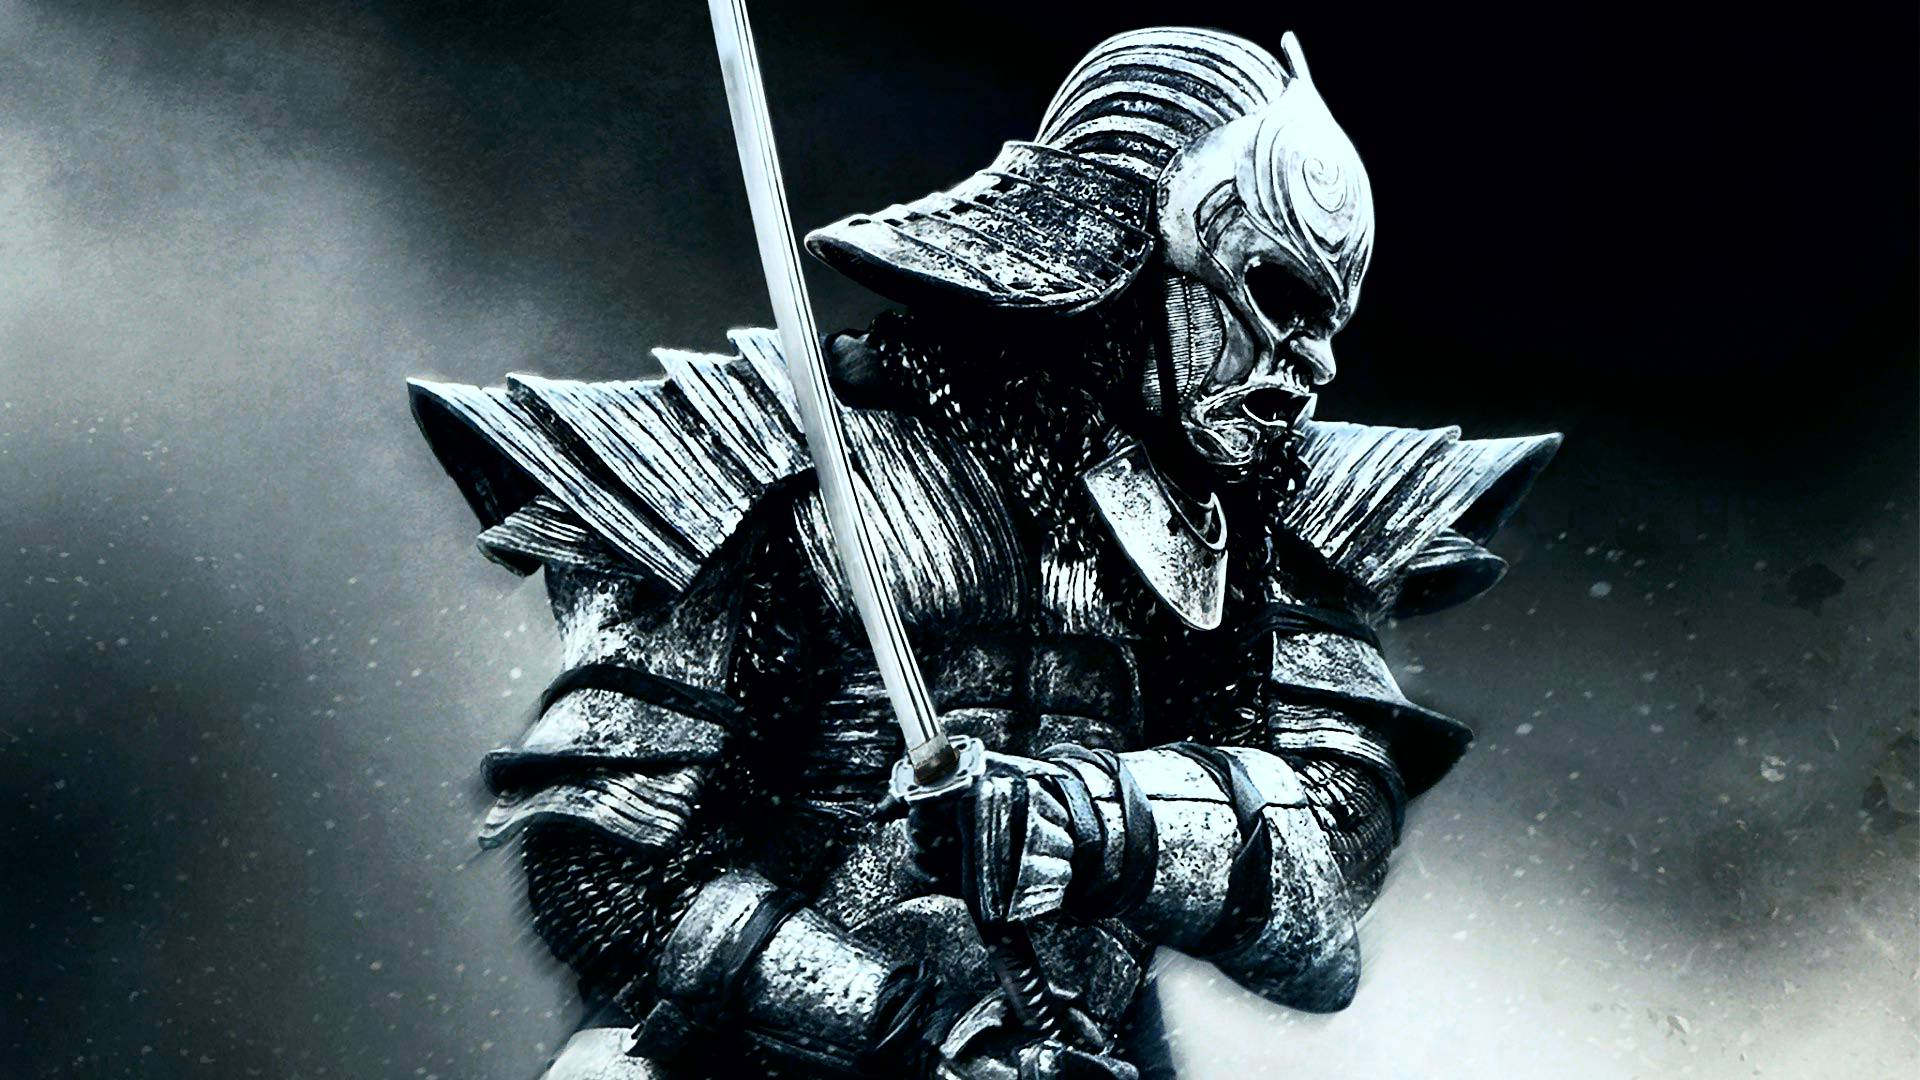 Age of Samurai